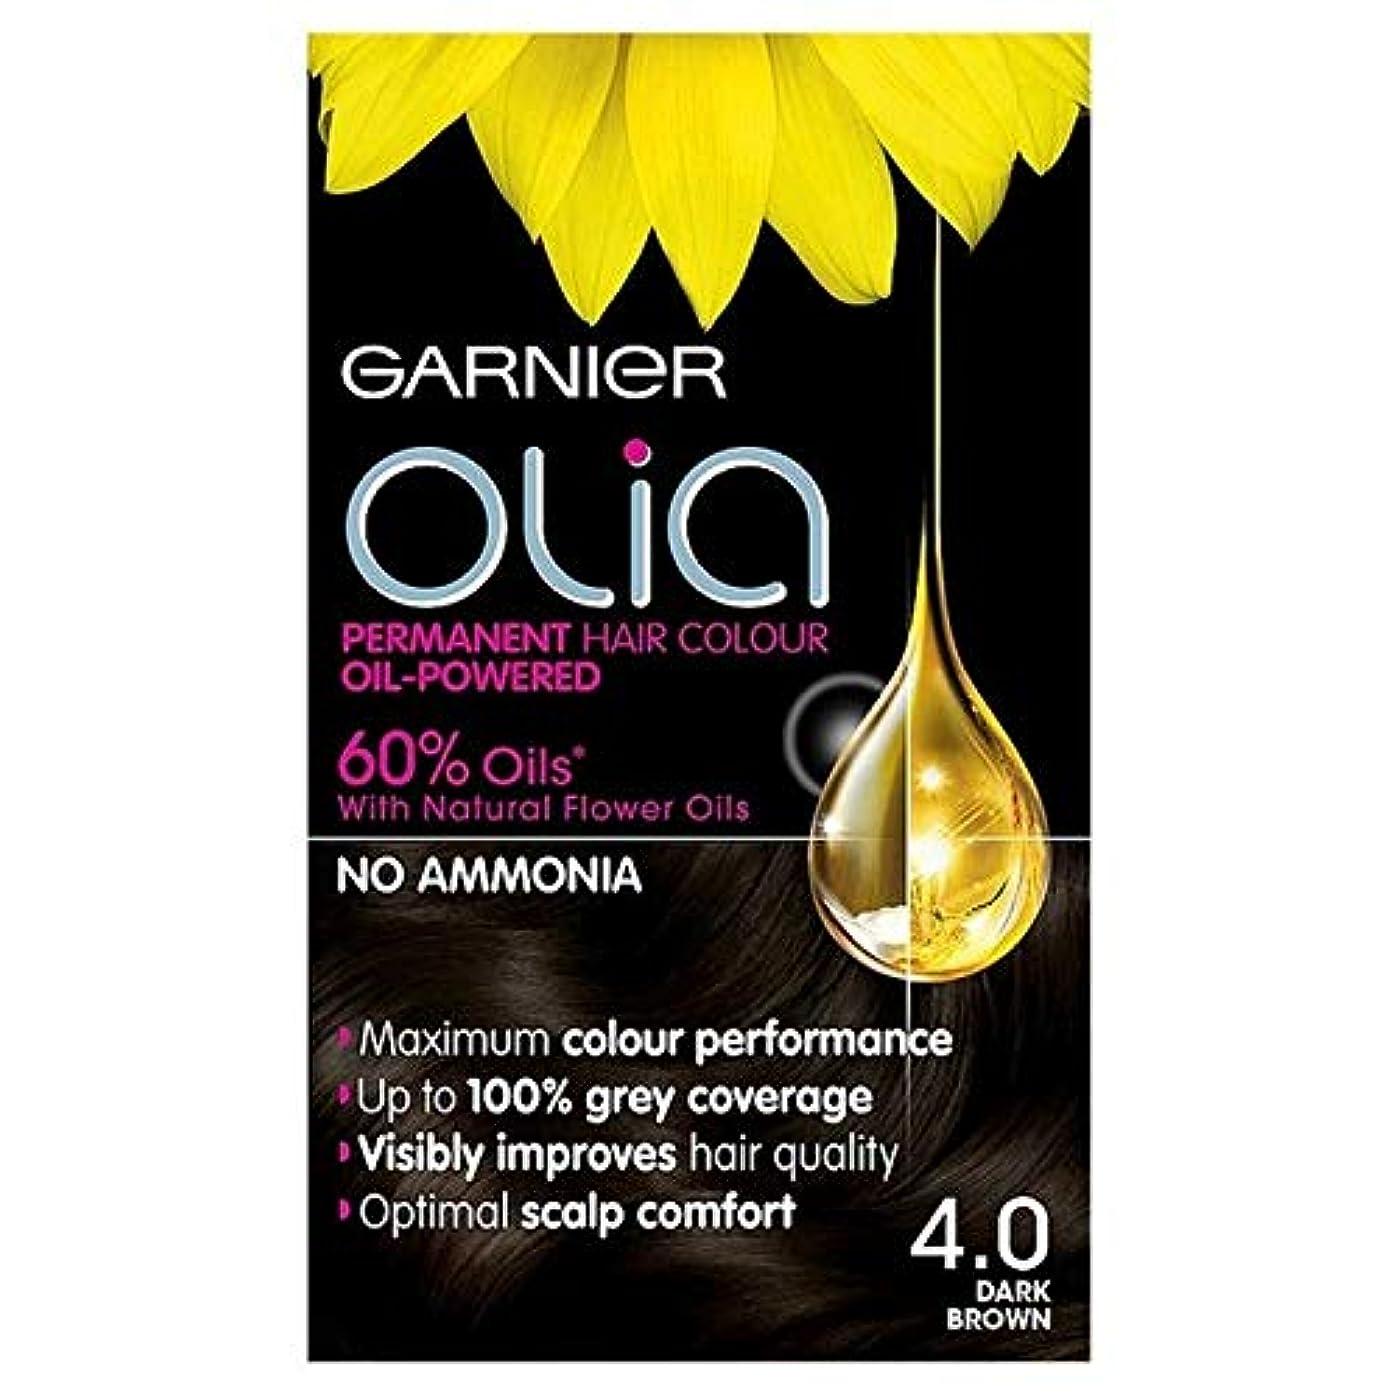 ドラム岸沈黙[Garnier ] 4.0ダークブラウン永久染毛剤Oliaガルニエ - Garnier Olia 4.0 Dark Brown Permanent Hair Dye [並行輸入品]